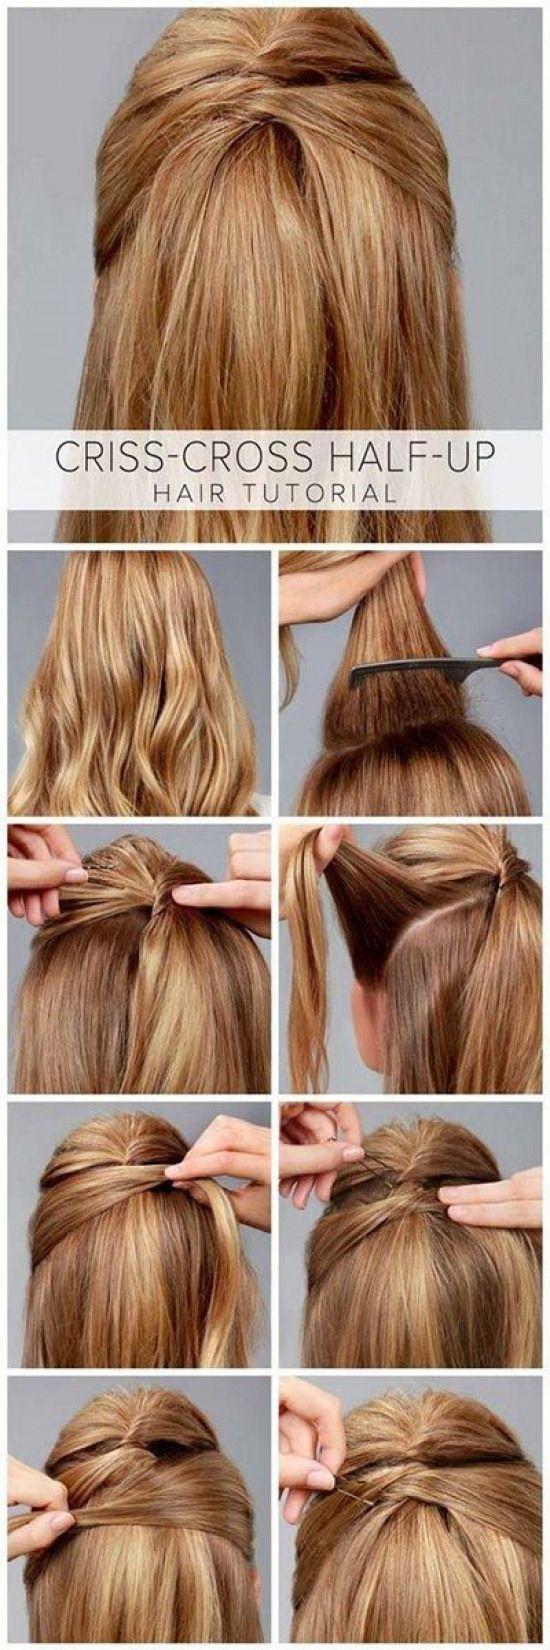 52 Einfache Frisuren Schritt für Schritt DIY #Frisuren #schnelle #Frisuren, #DIY #Einfache #Frisuren # ...